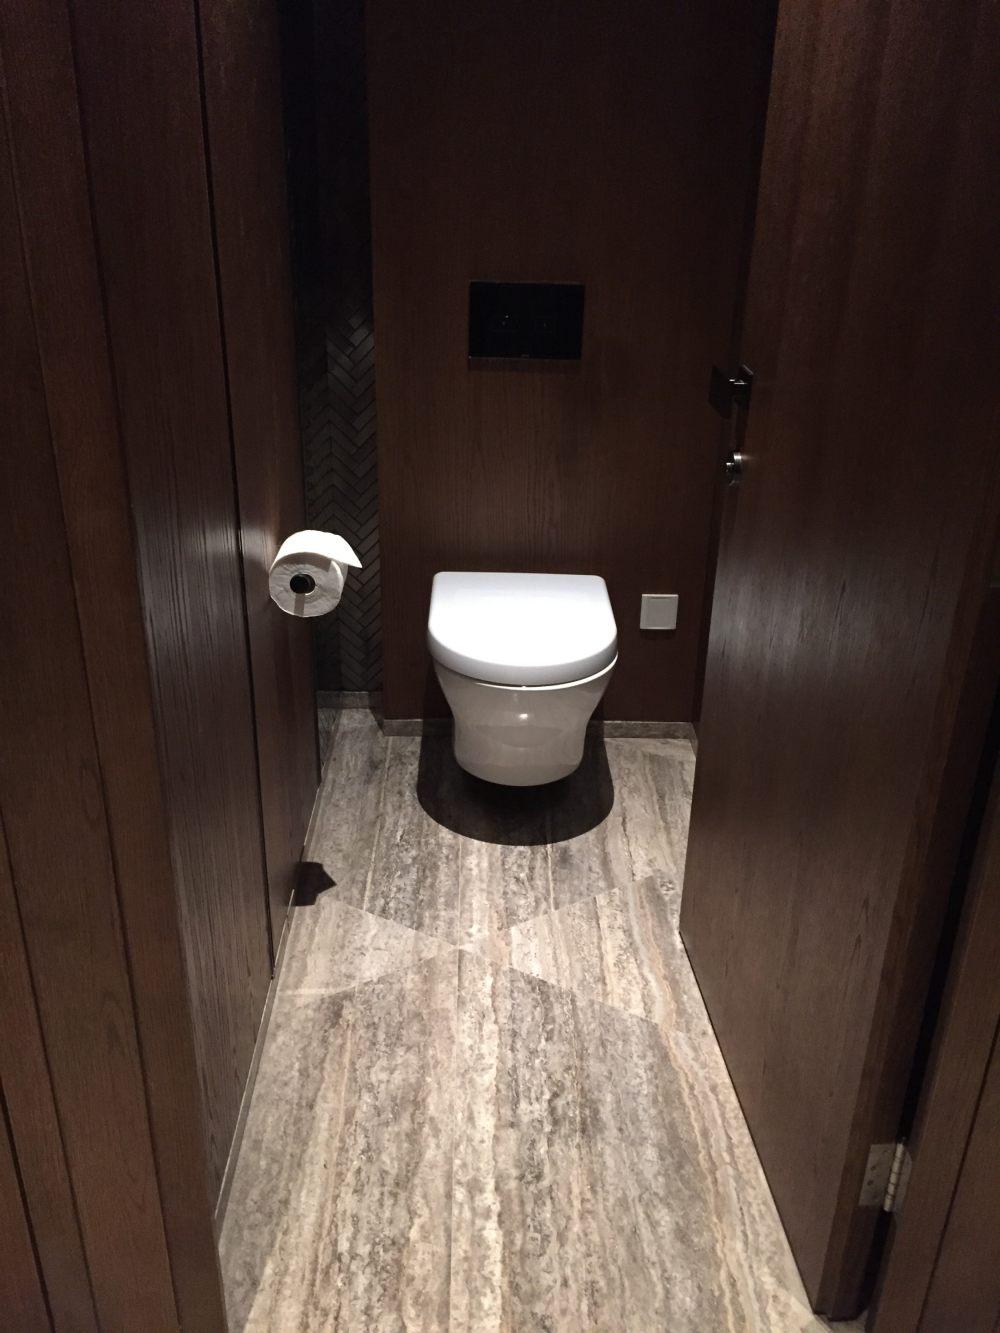 上海外滩W酒店,史上最全入住体验 自拍分享,申请置...._IMG_5977.JPG